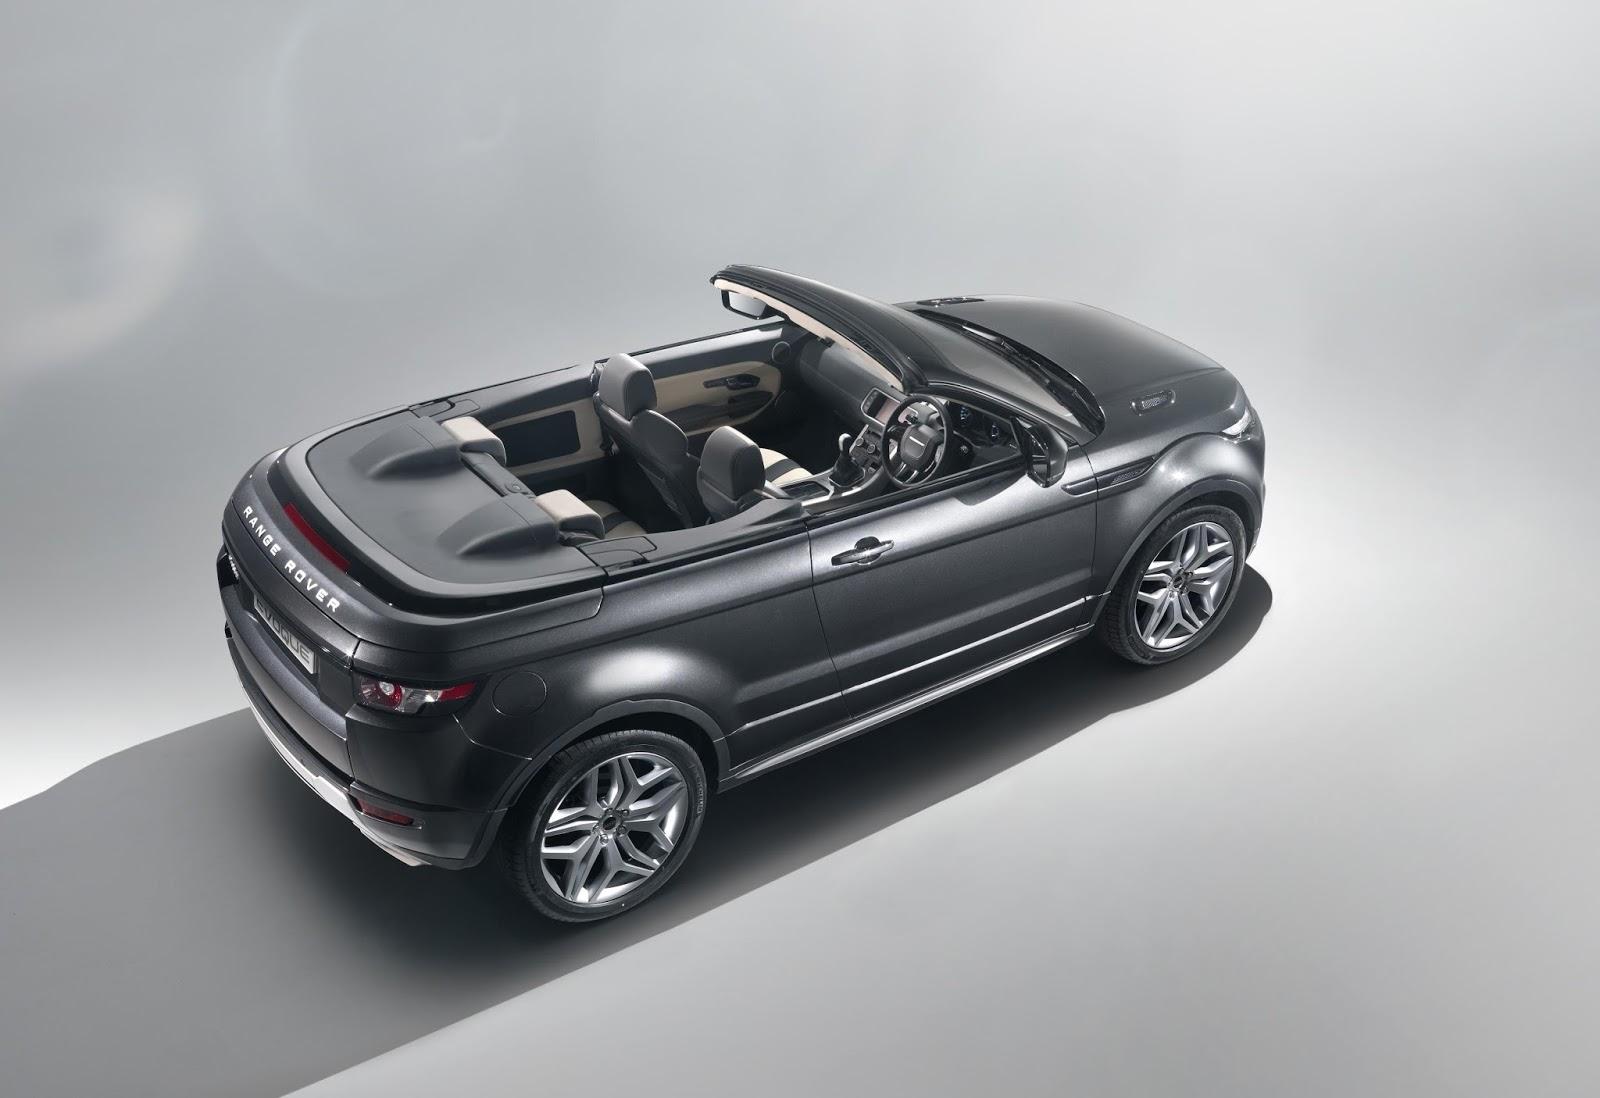 2014 Range Rover Evoque convertible